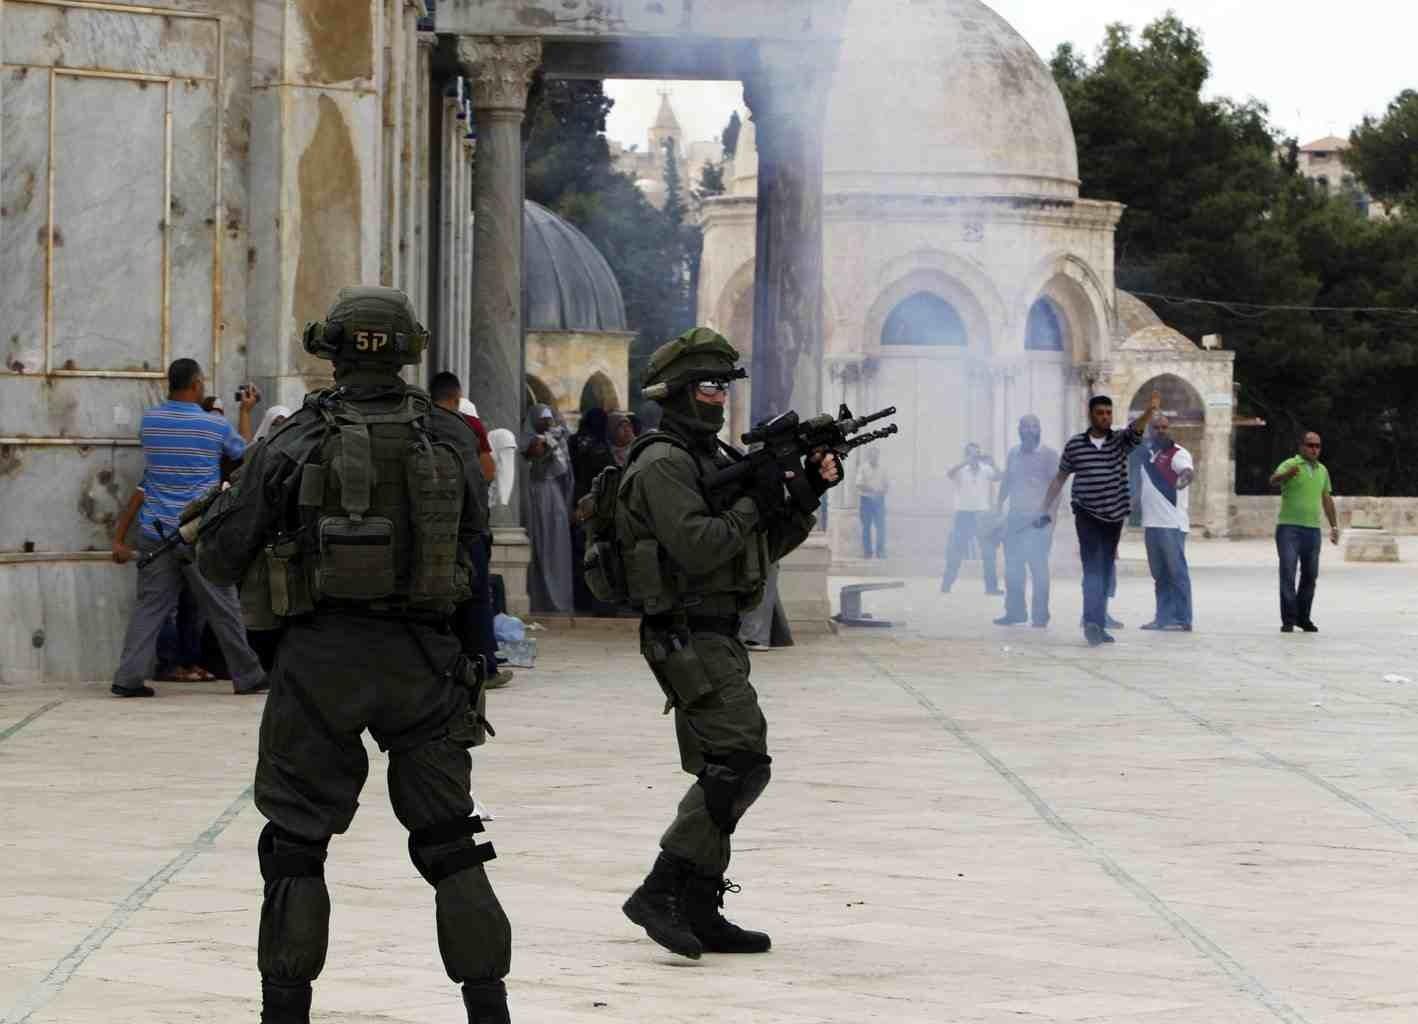 http://shbabbek.com/upload/الأزهر يدعو لتحرك دولي لإنقاذ المسجد الأقصى